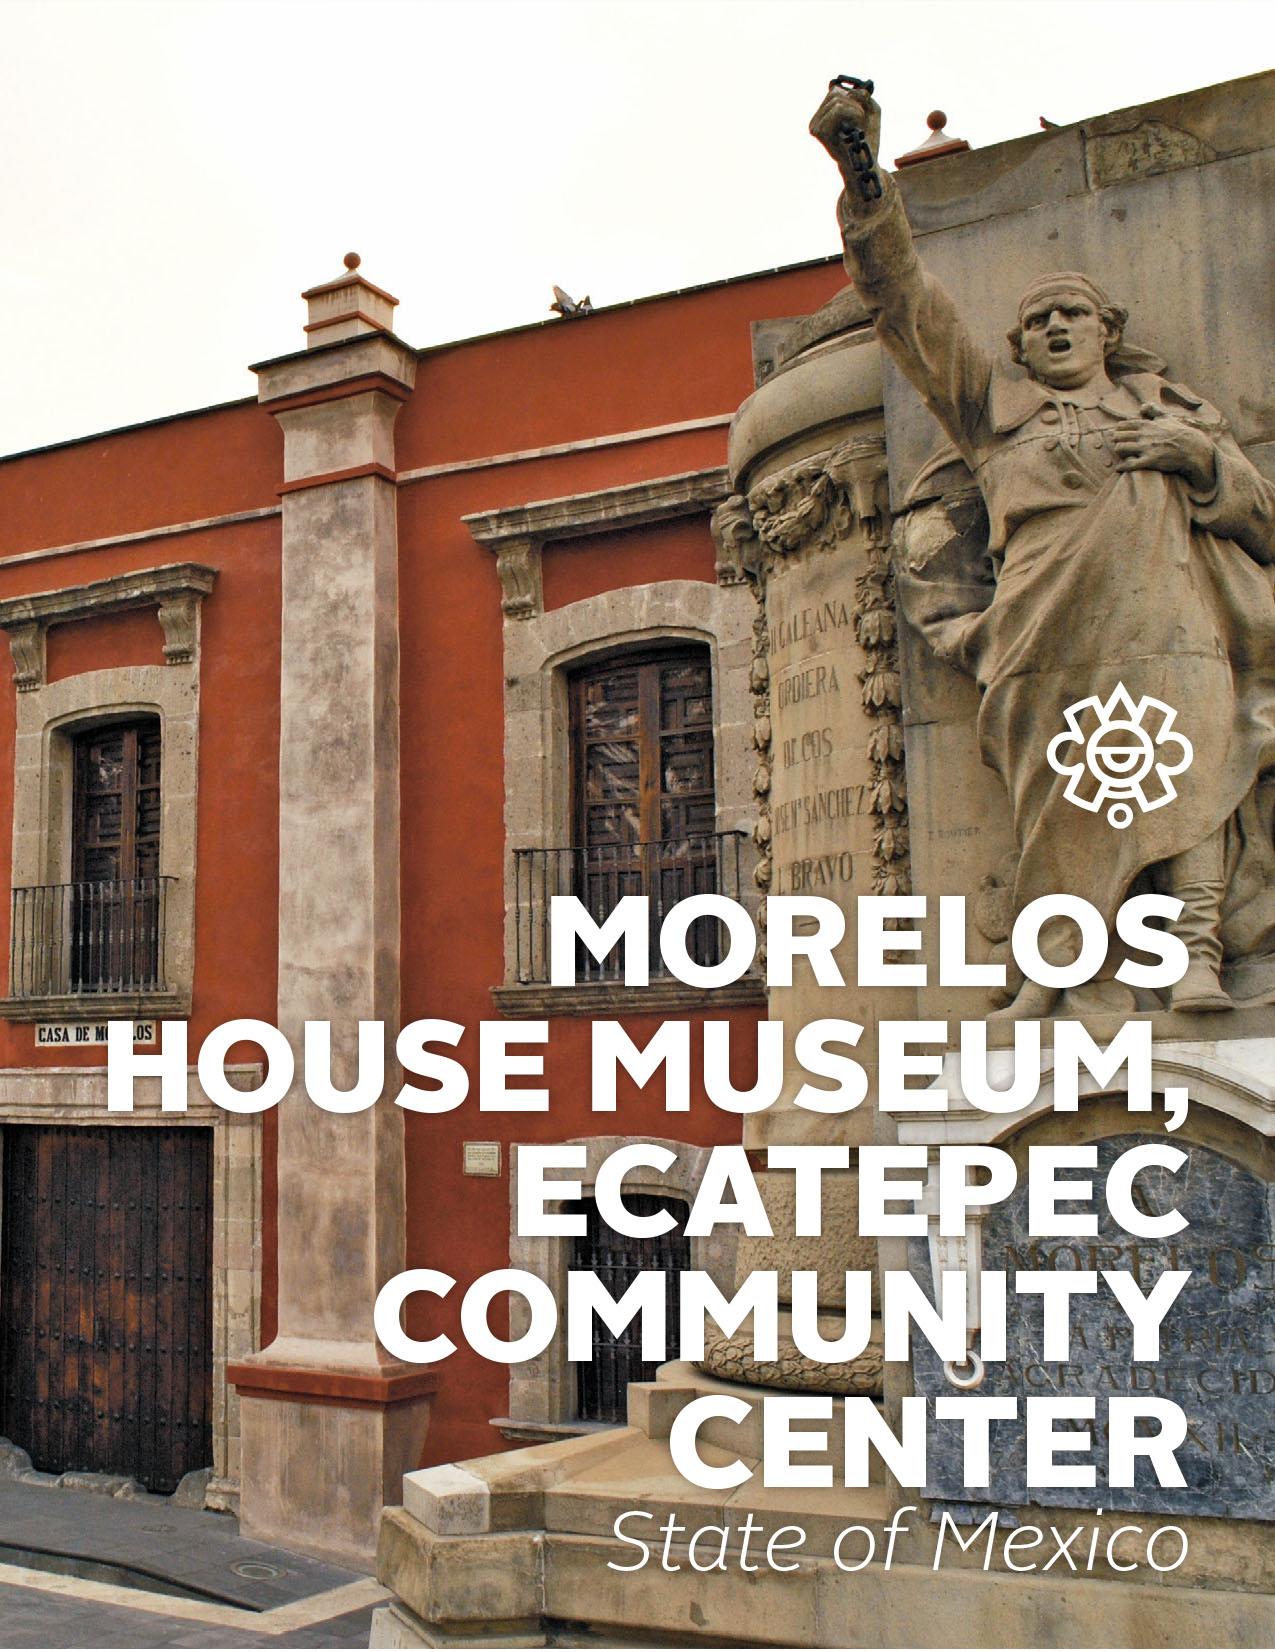 Morelos House Museum, Ecatepec Community Center